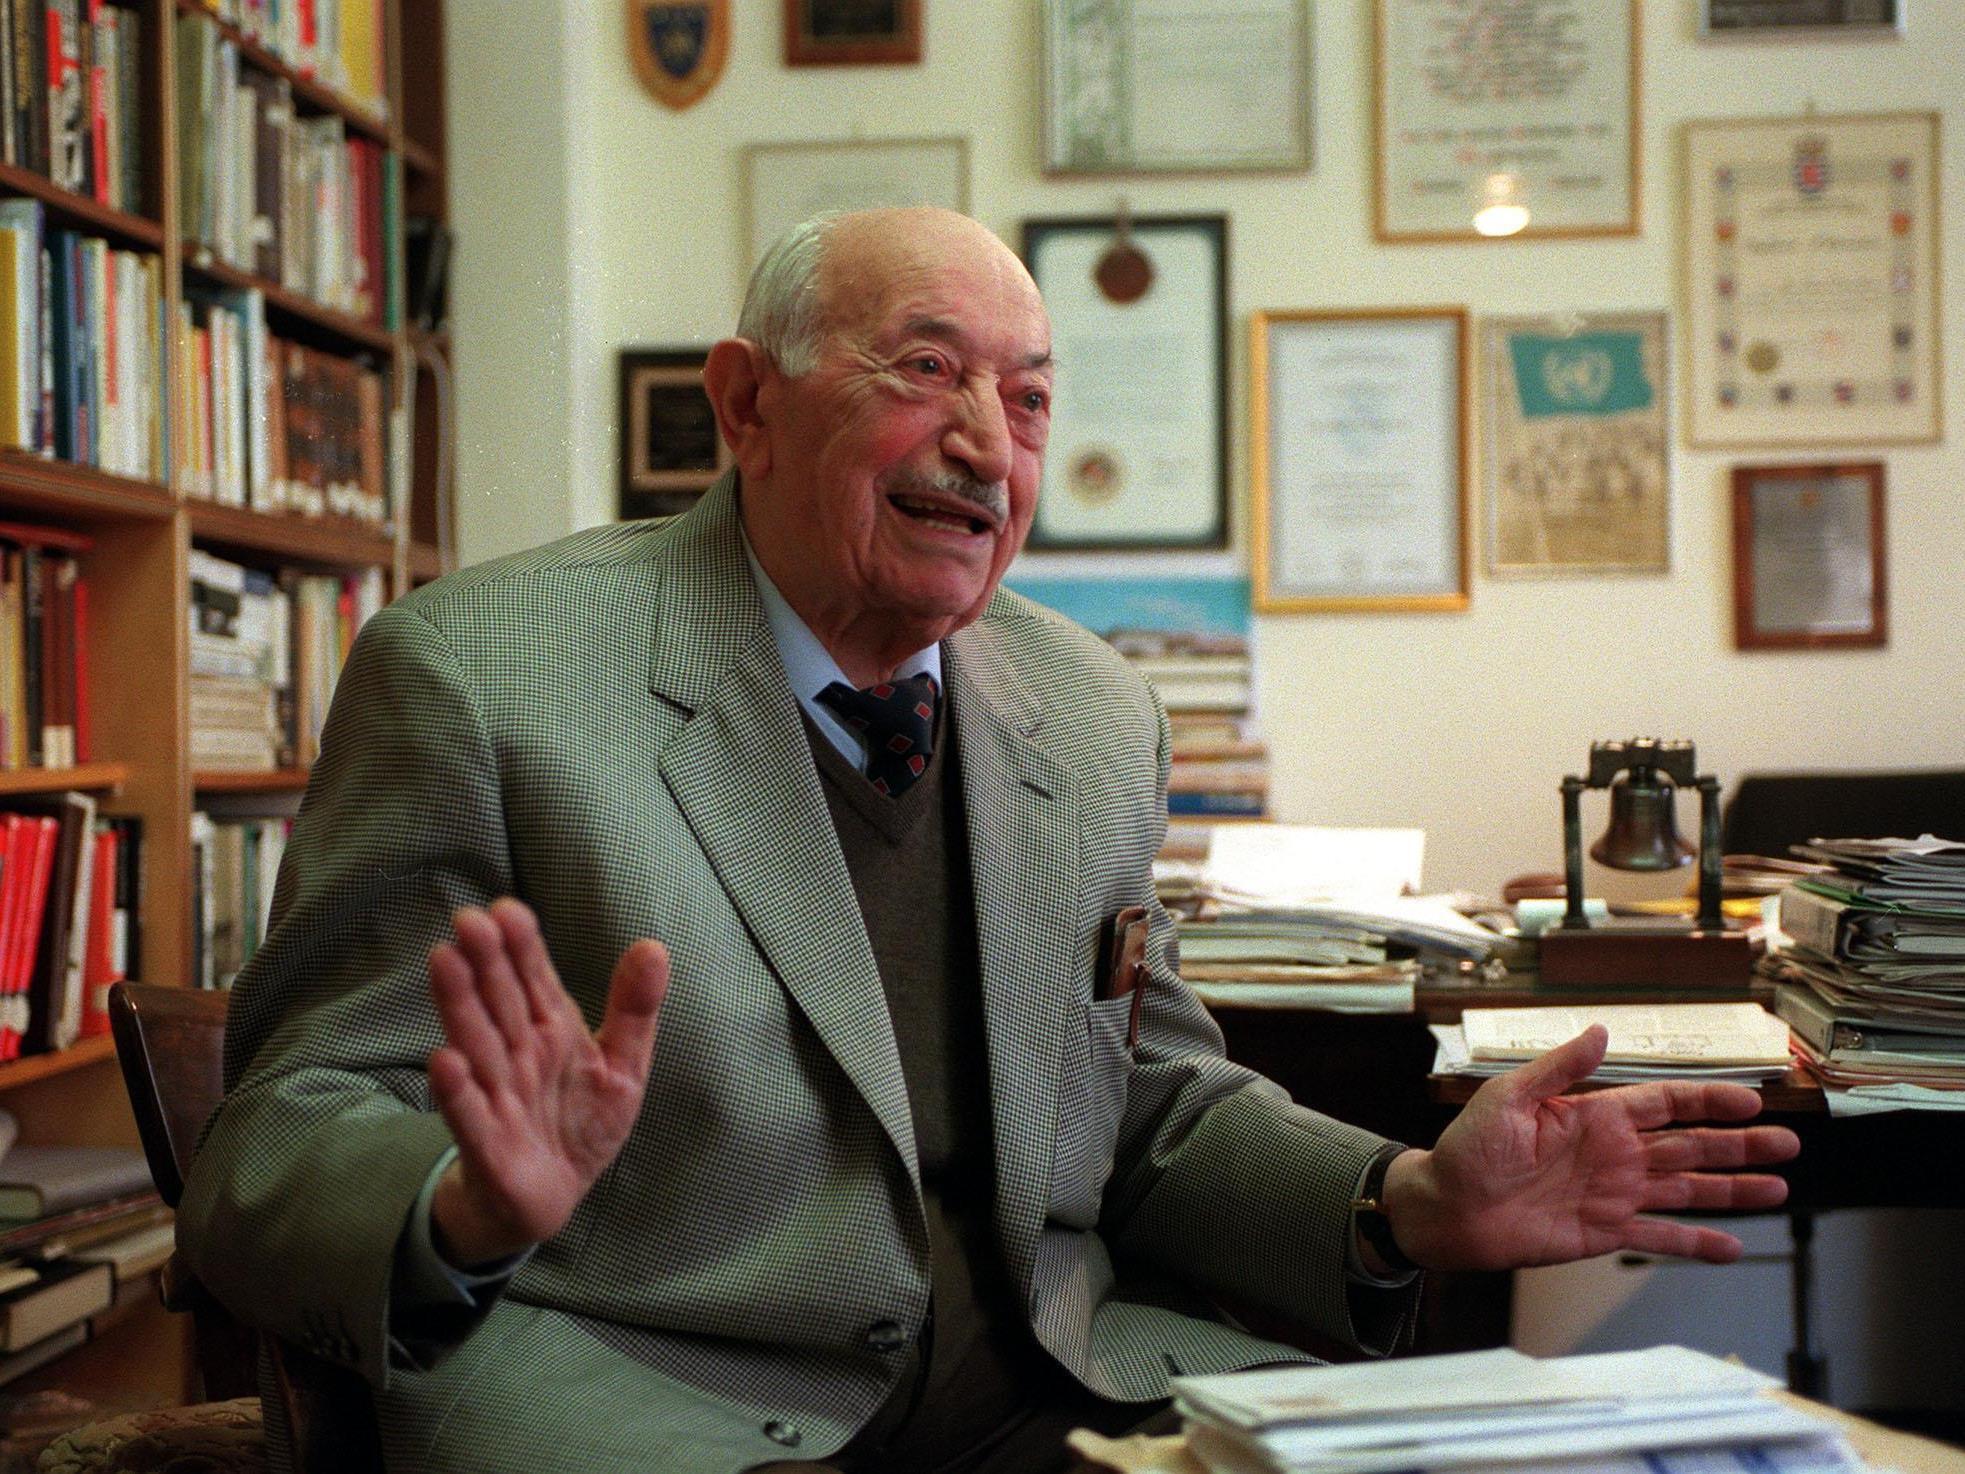 Das nach Simon Wiesenthal (1908-2005) benannte Institut öffnet am Samstag am neuen Standort